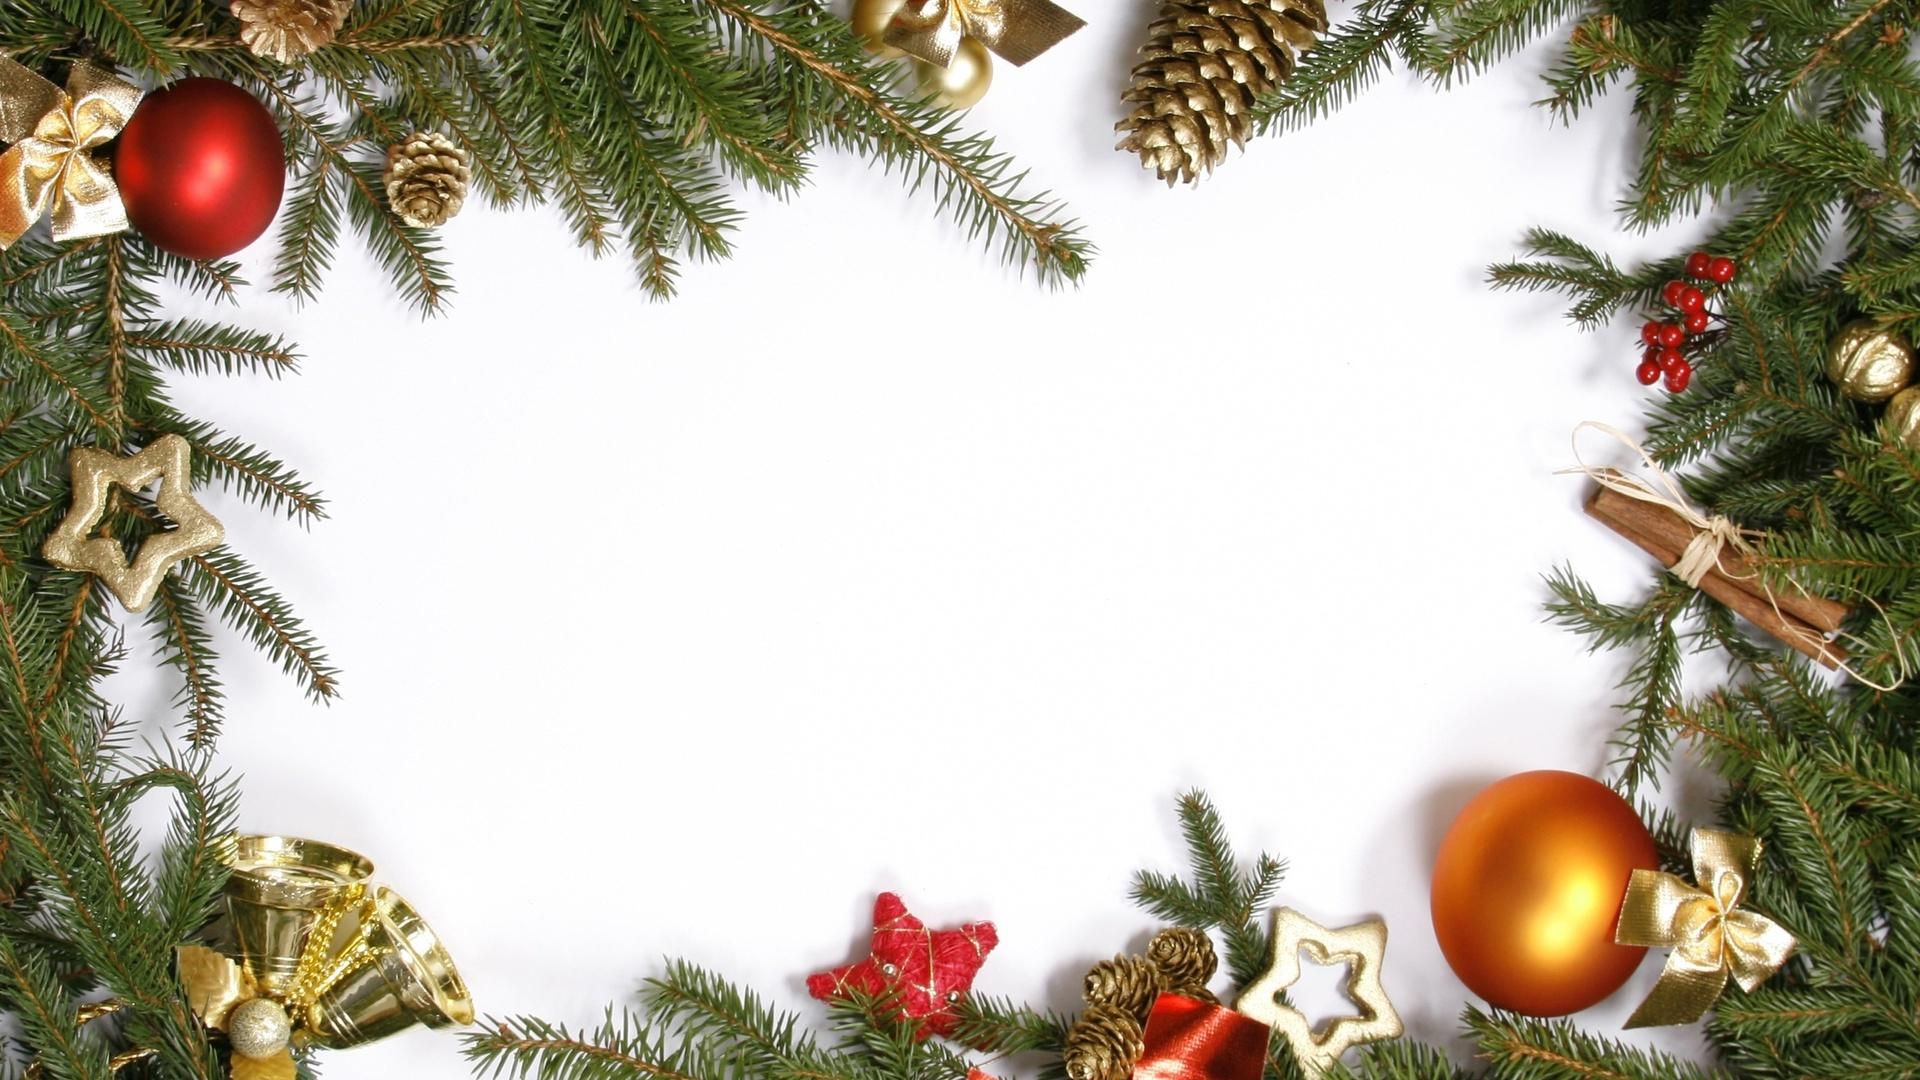 Картинки елочные ветки новогодние